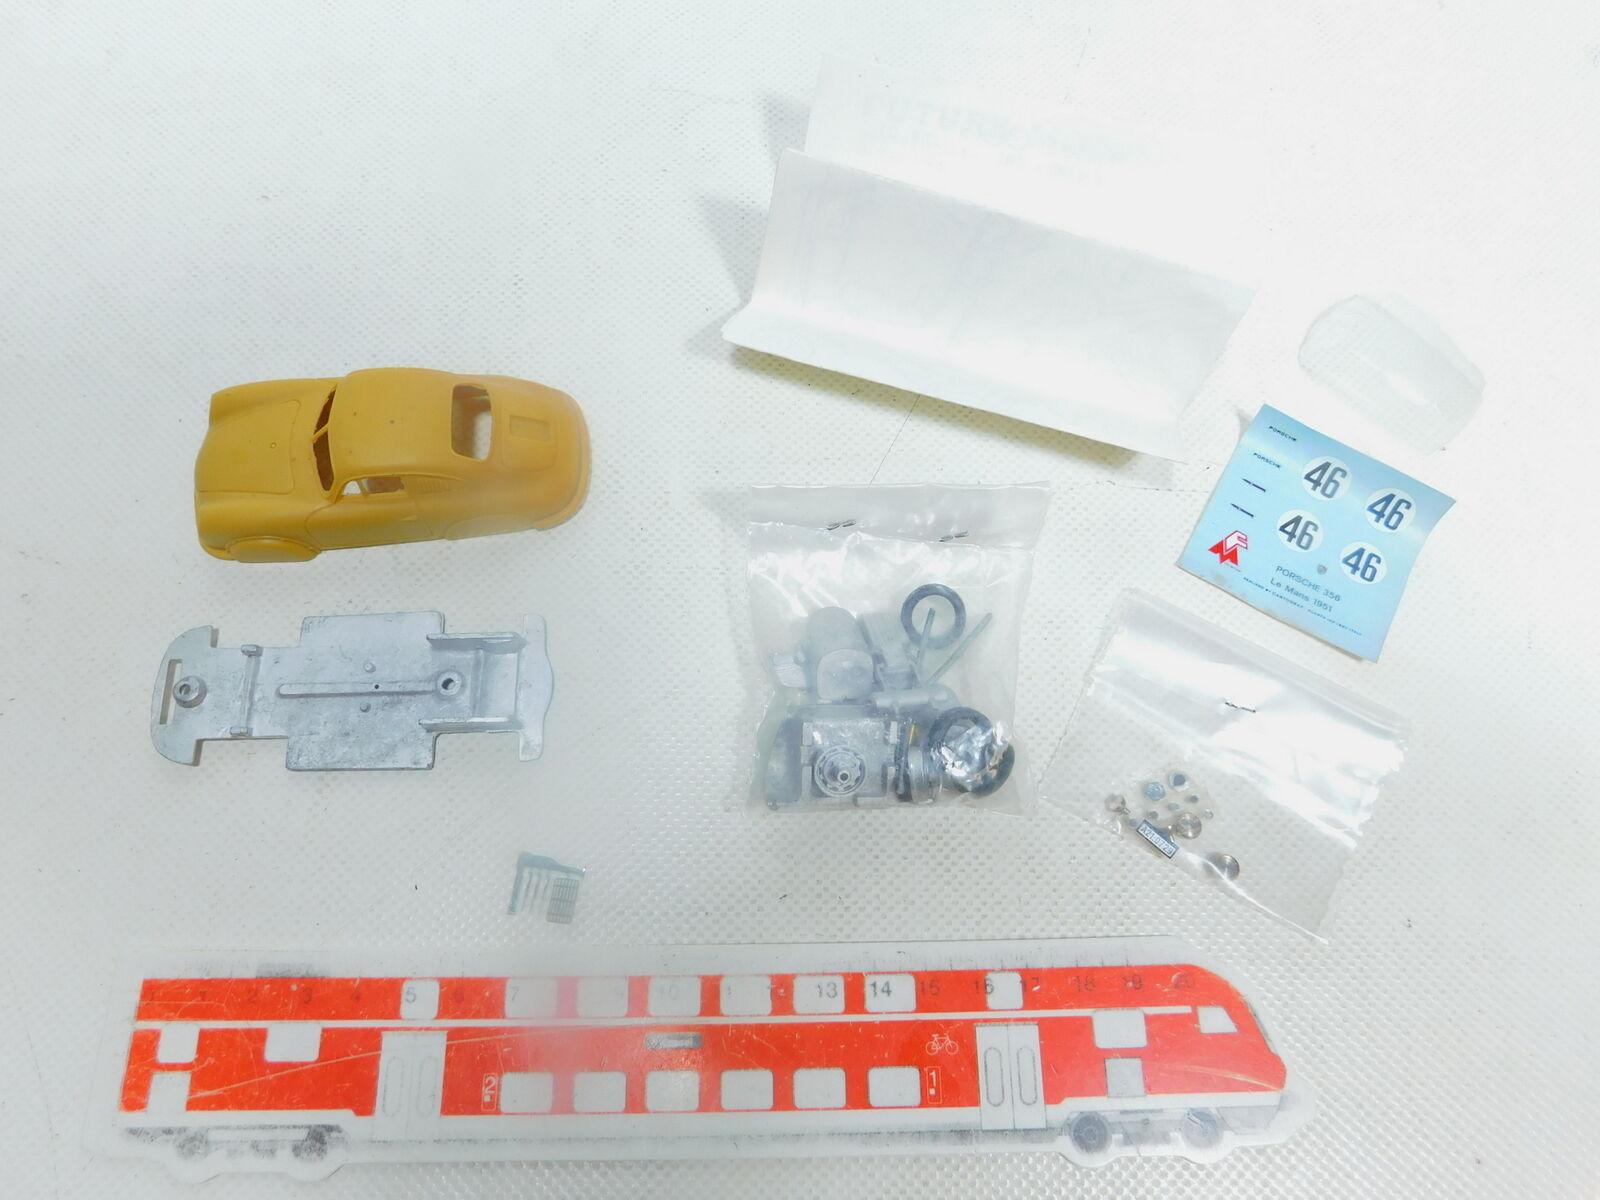 Bx779-0, 5  Future Models 1 43 Kit Porsche 356 le Mans 51 1951 Unbuilt